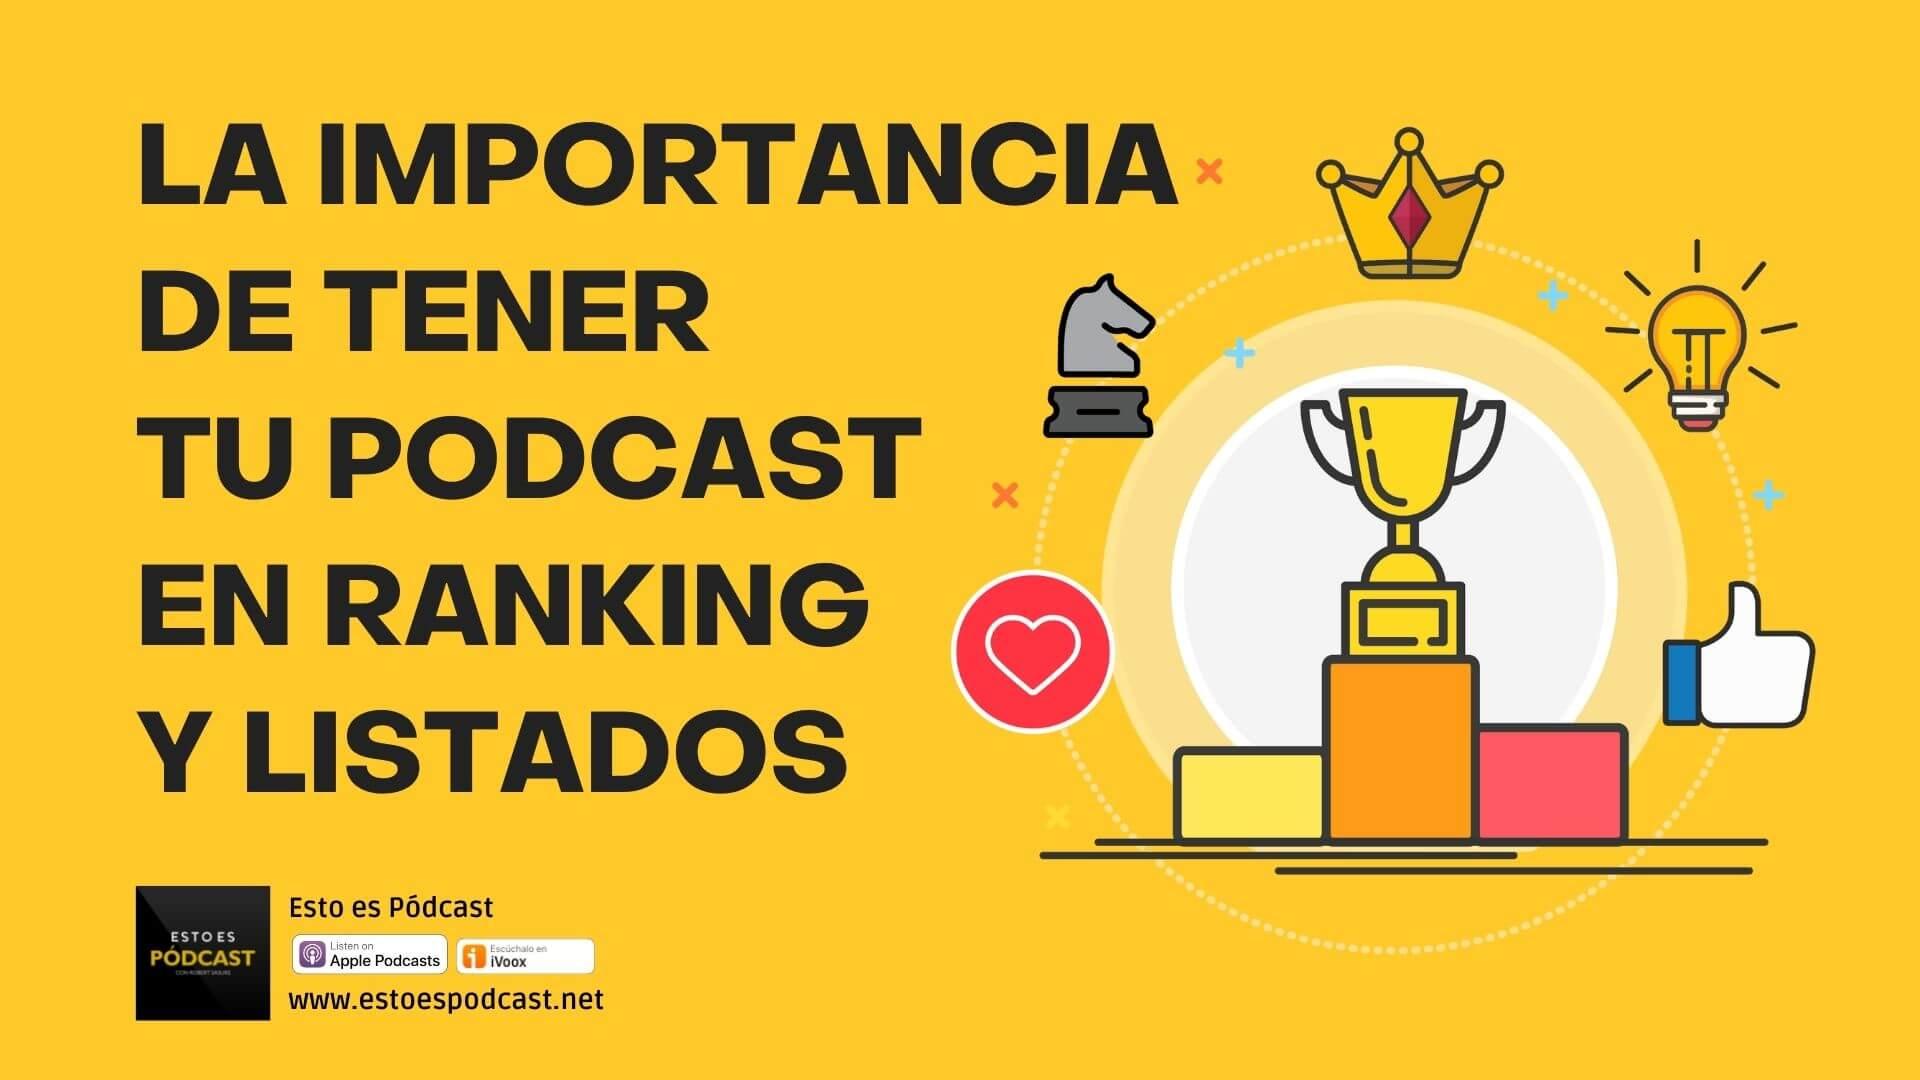 161. ¿Para qué son importantes los Rankings de Podcasts?